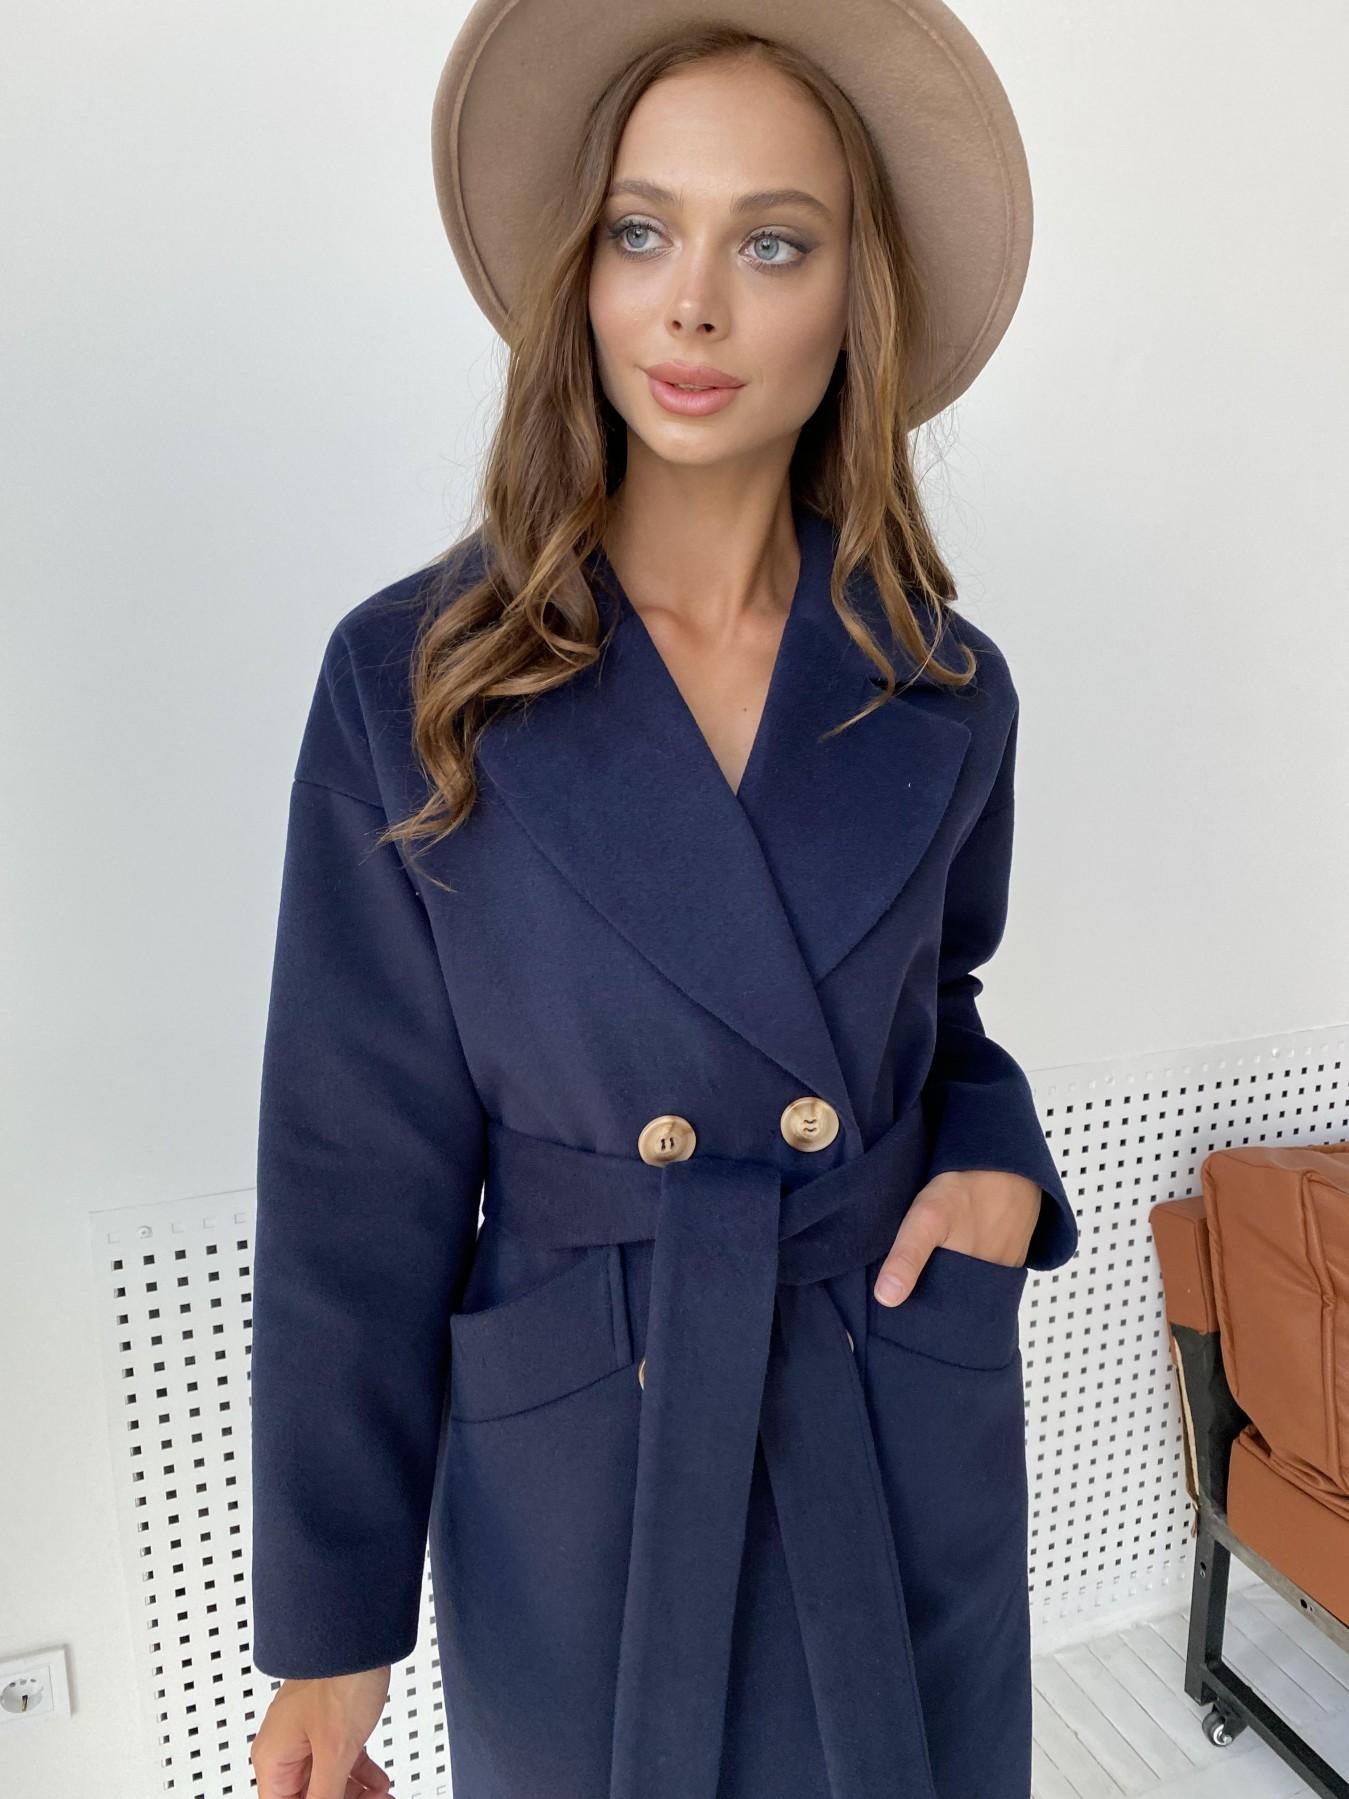 Сенсей пальто макси из кашемира   10309 АРТ. 48360 Цвет: Т.синий - фото 6, интернет магазин tm-modus.ru